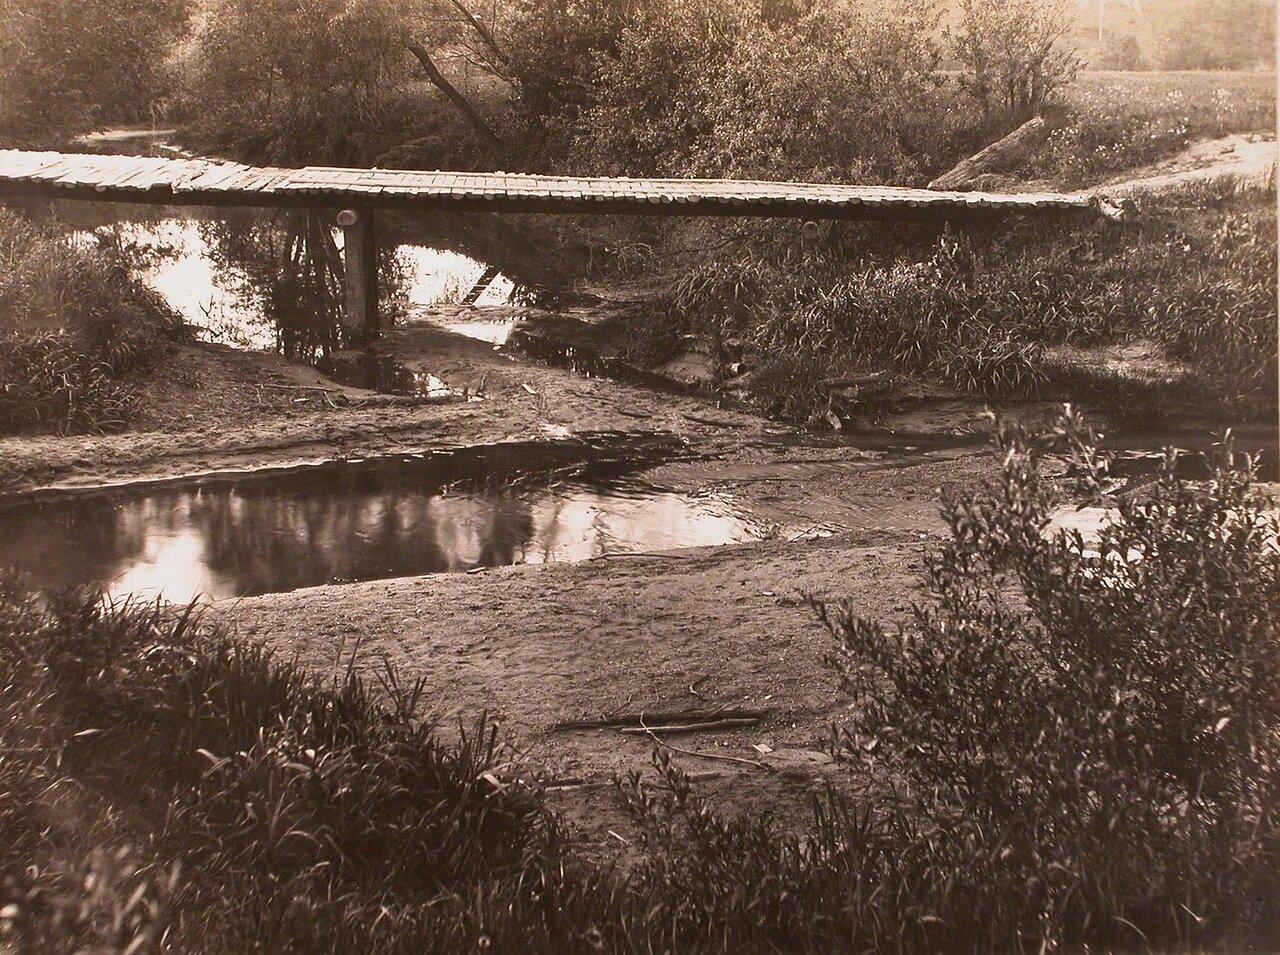 Вид деревянного моста через реку Каменка у Московской окружной железной дороги